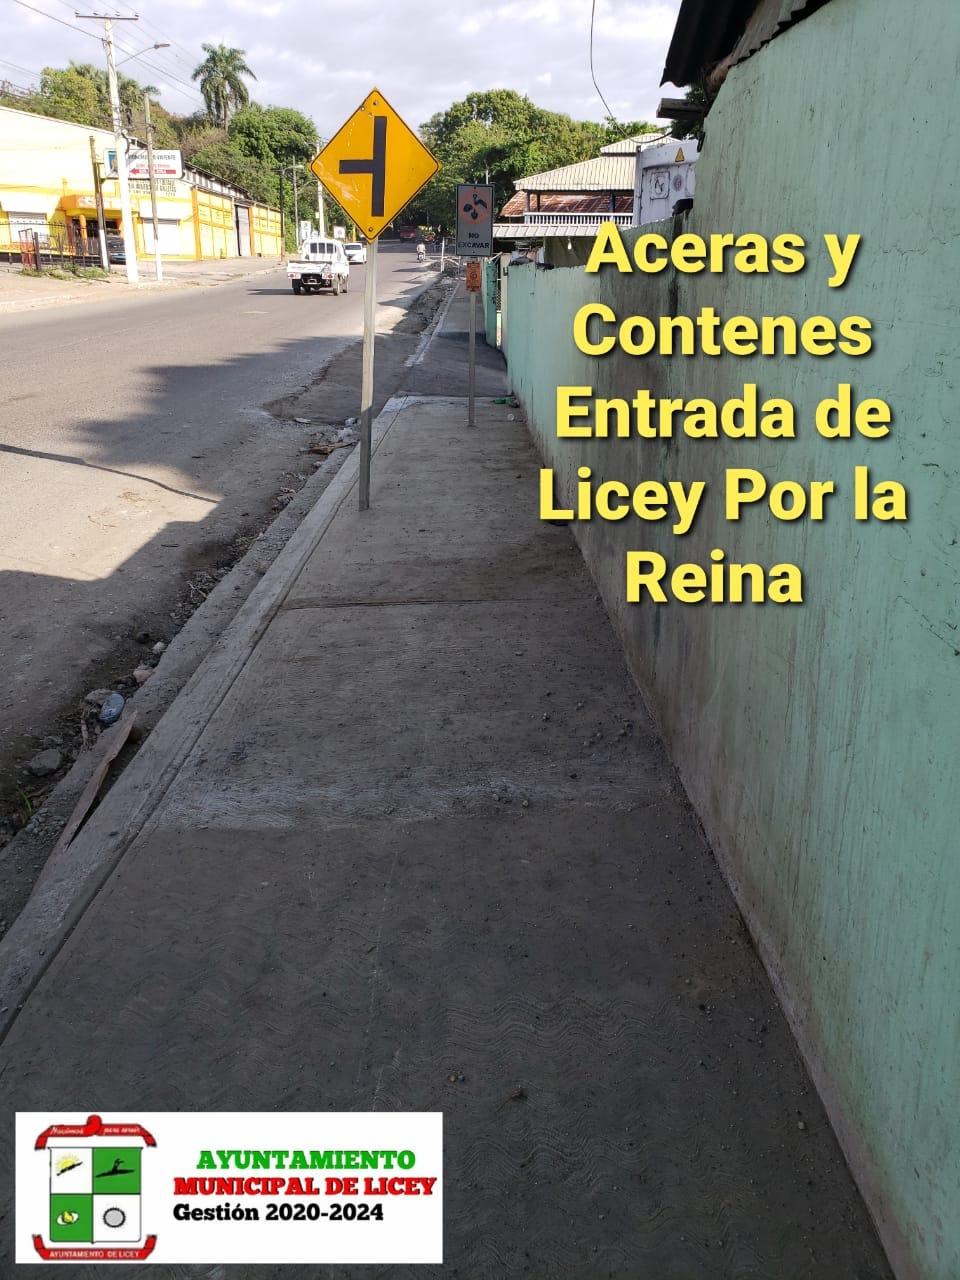 Terminación de las Aceras y Contenes de la Entrada Municipal.